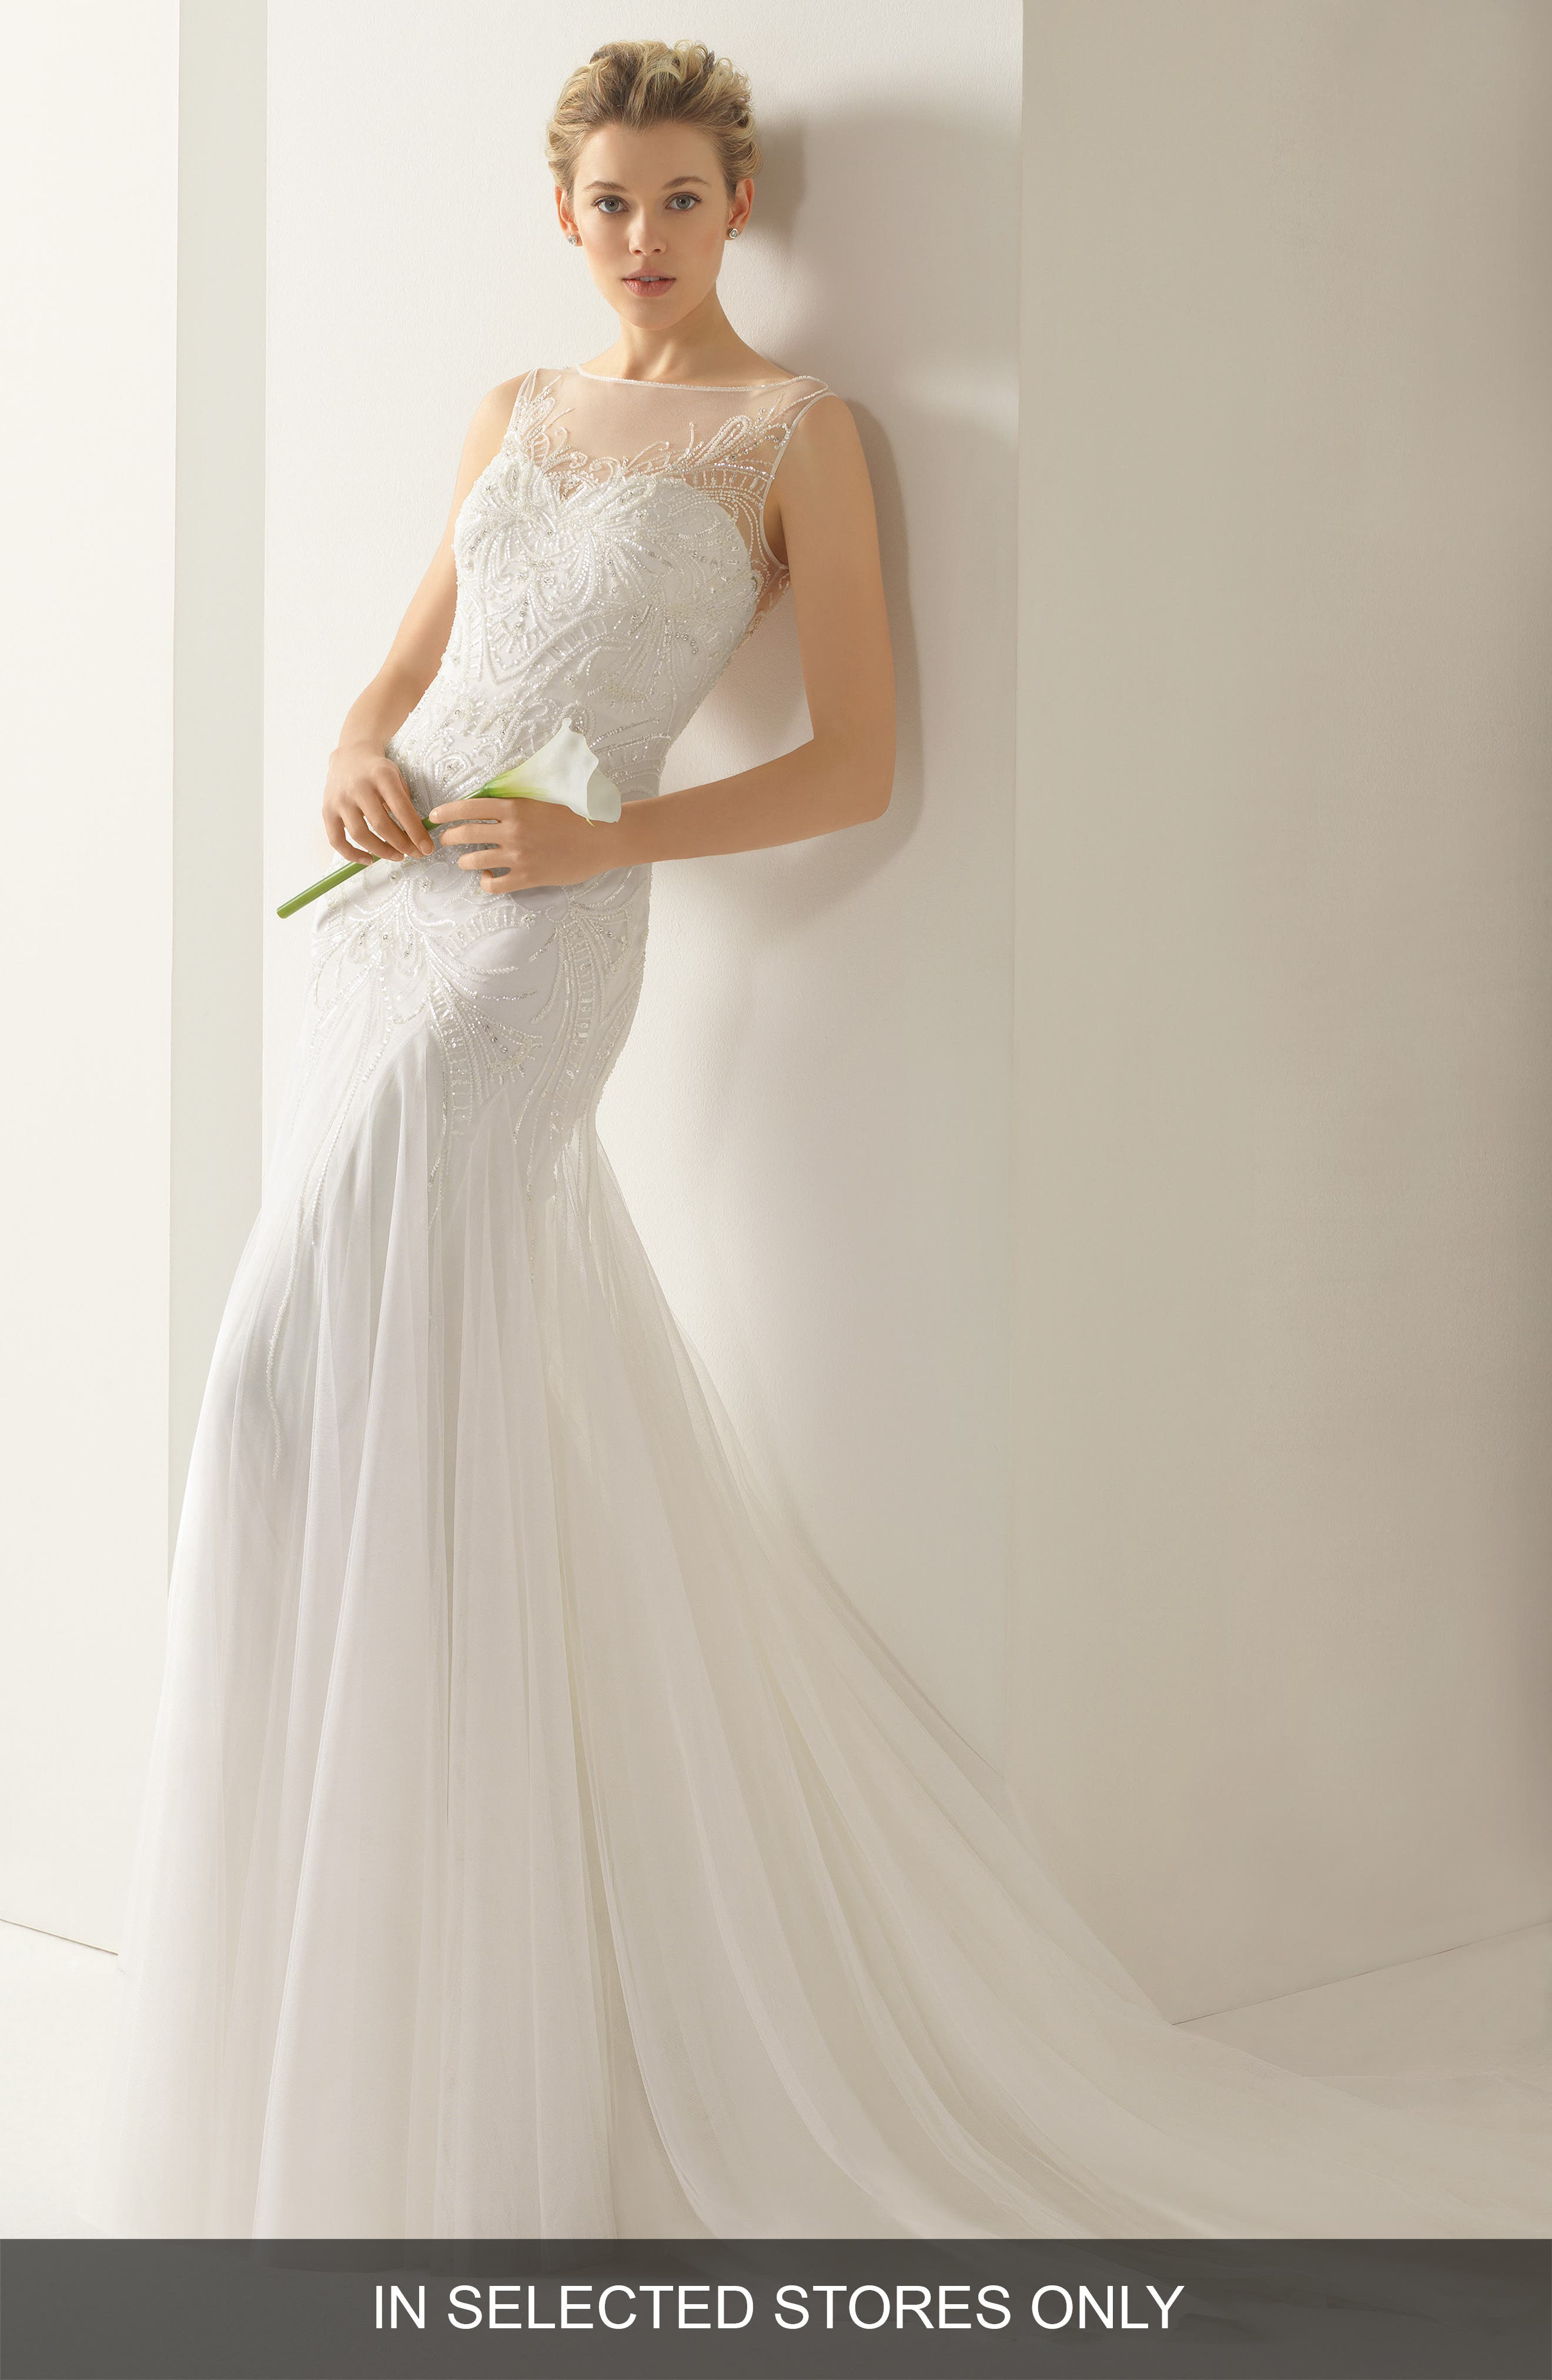 Rosa clara beaded dress